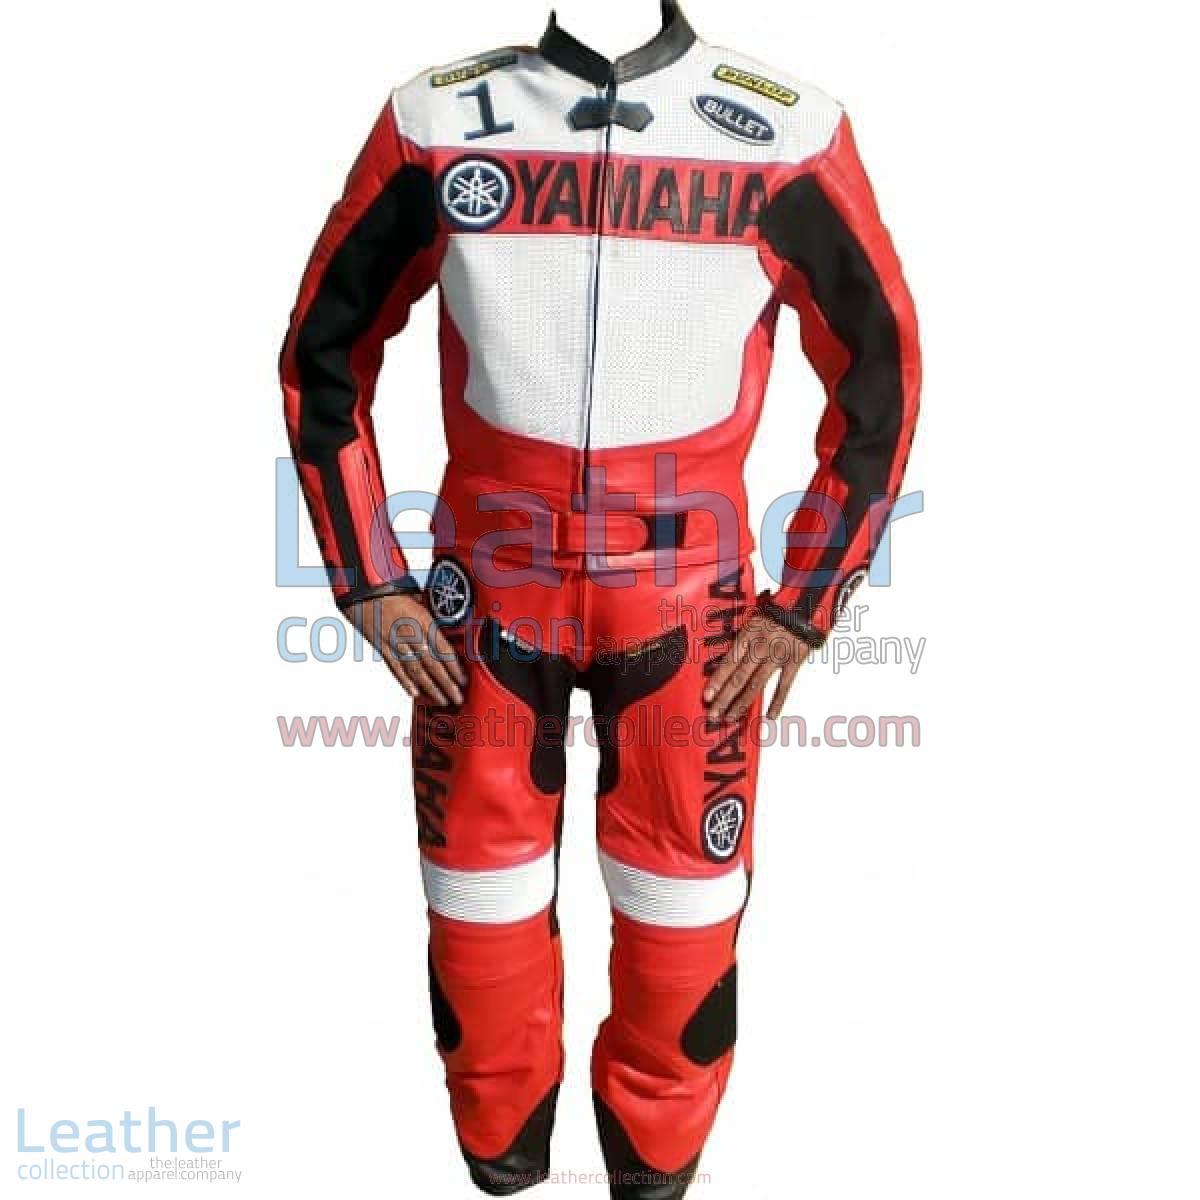 Yamaha Motorbike Leather Suit Red / White | yamaha leather suit